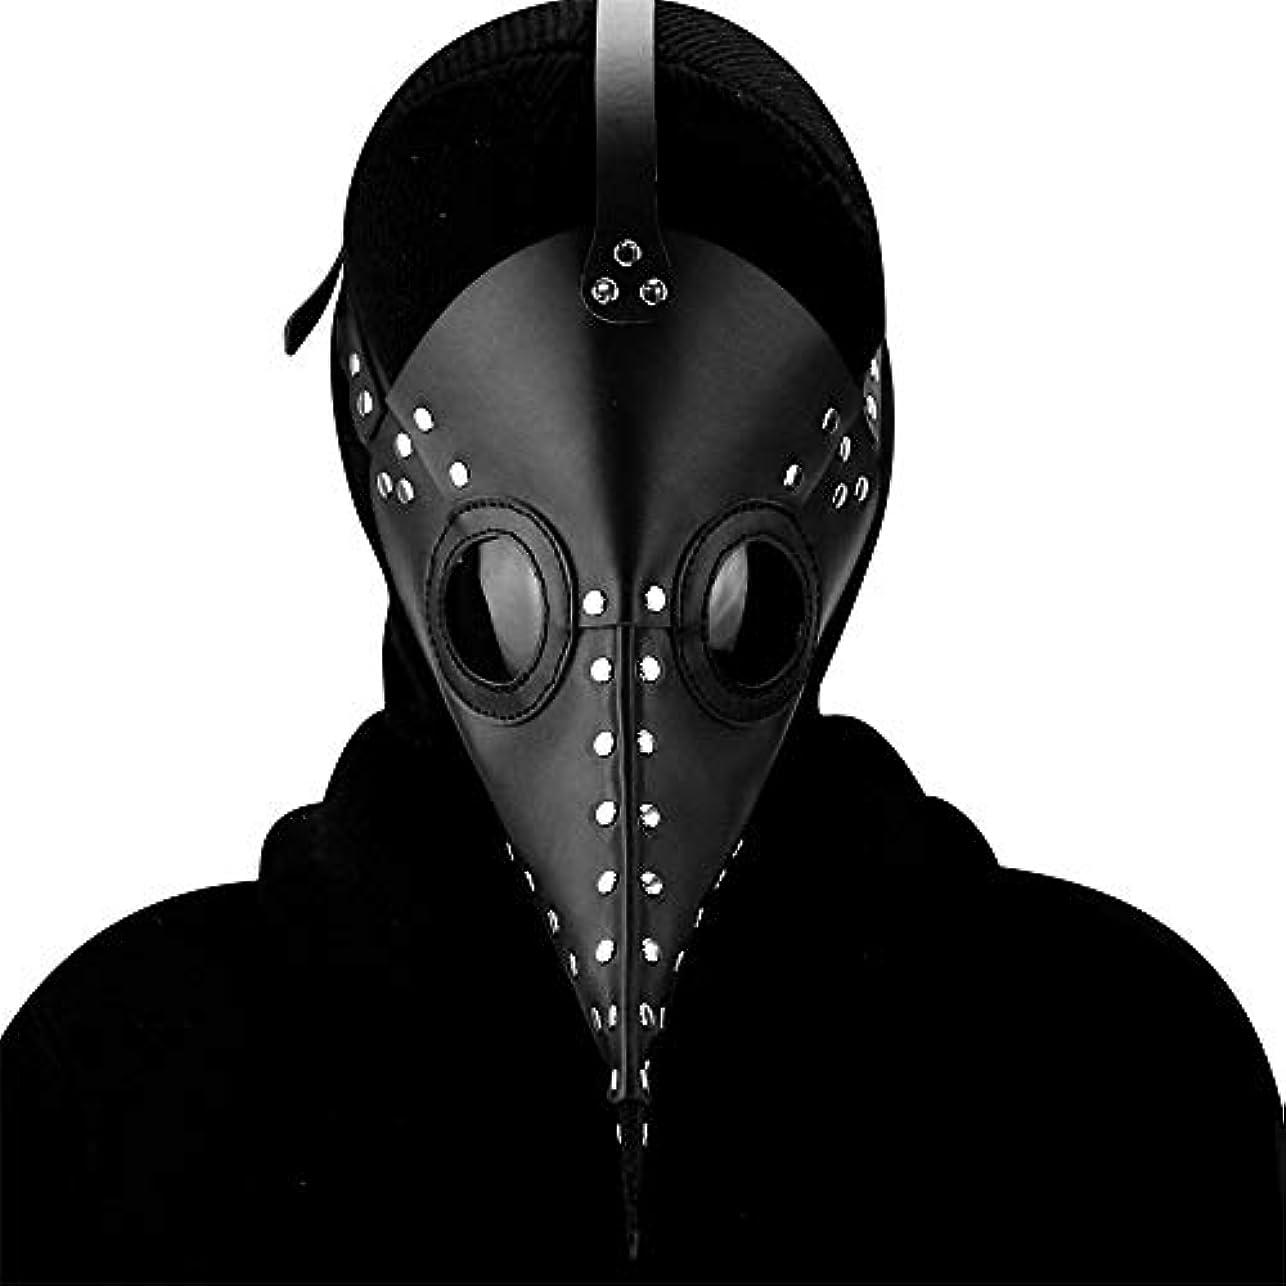 会計一ハロウィーンペストビークマスクパーティーの小道具仮装